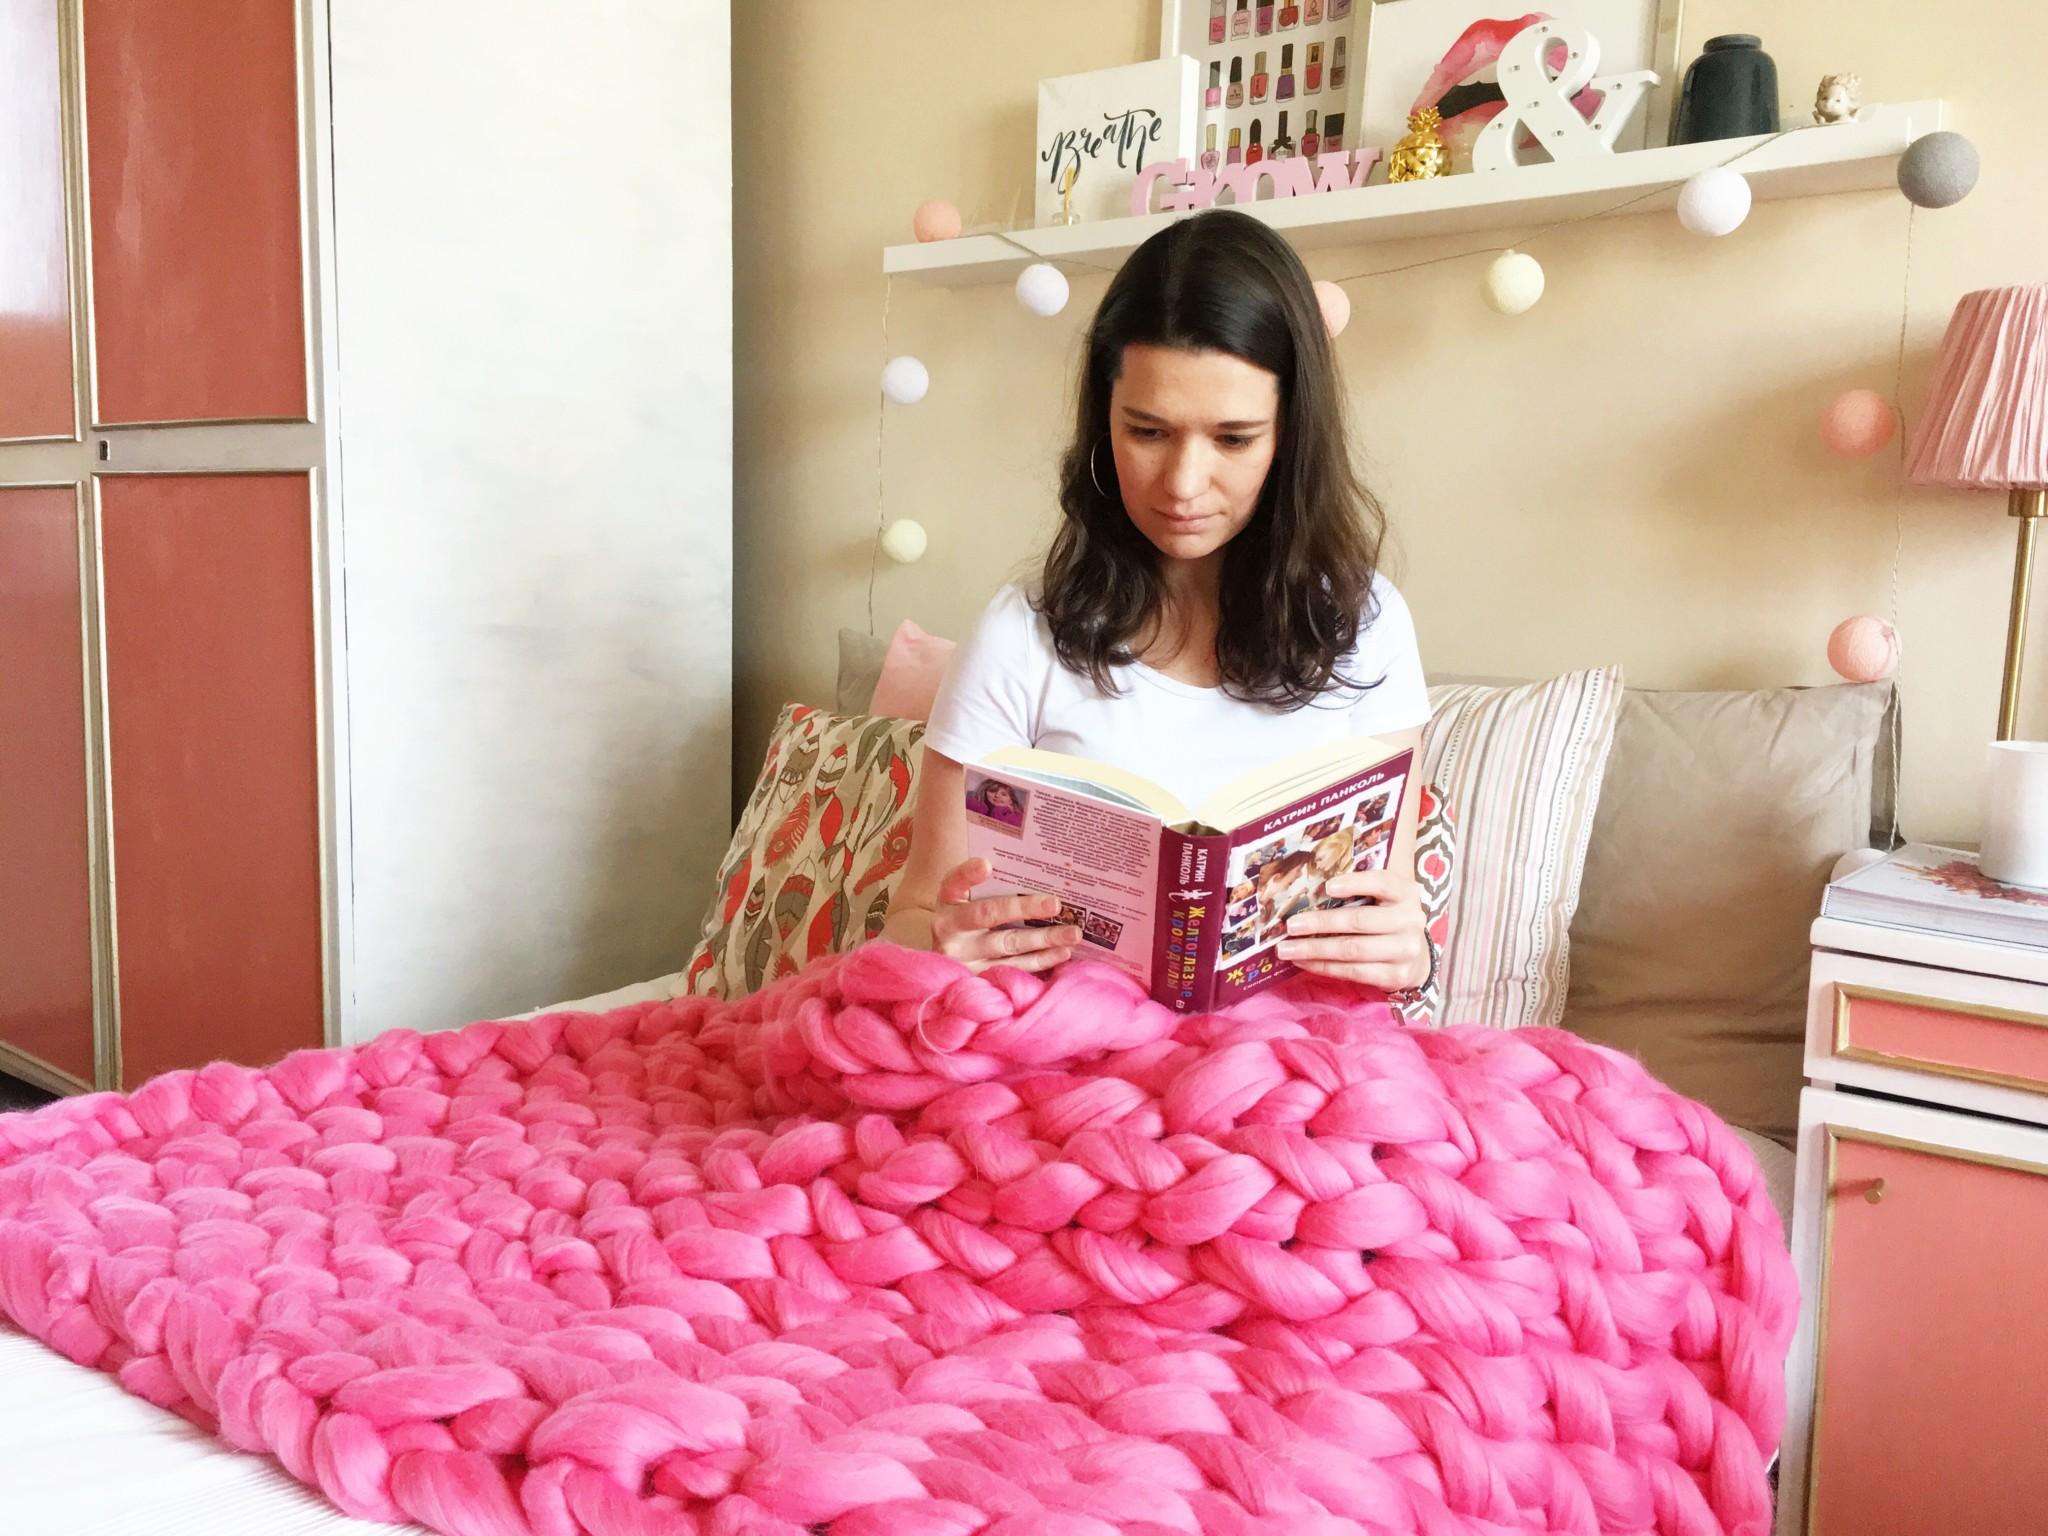 Плед крупной вязки своими руками | Блог Варвары Лялягиной «Дом, в который хочется приходить»